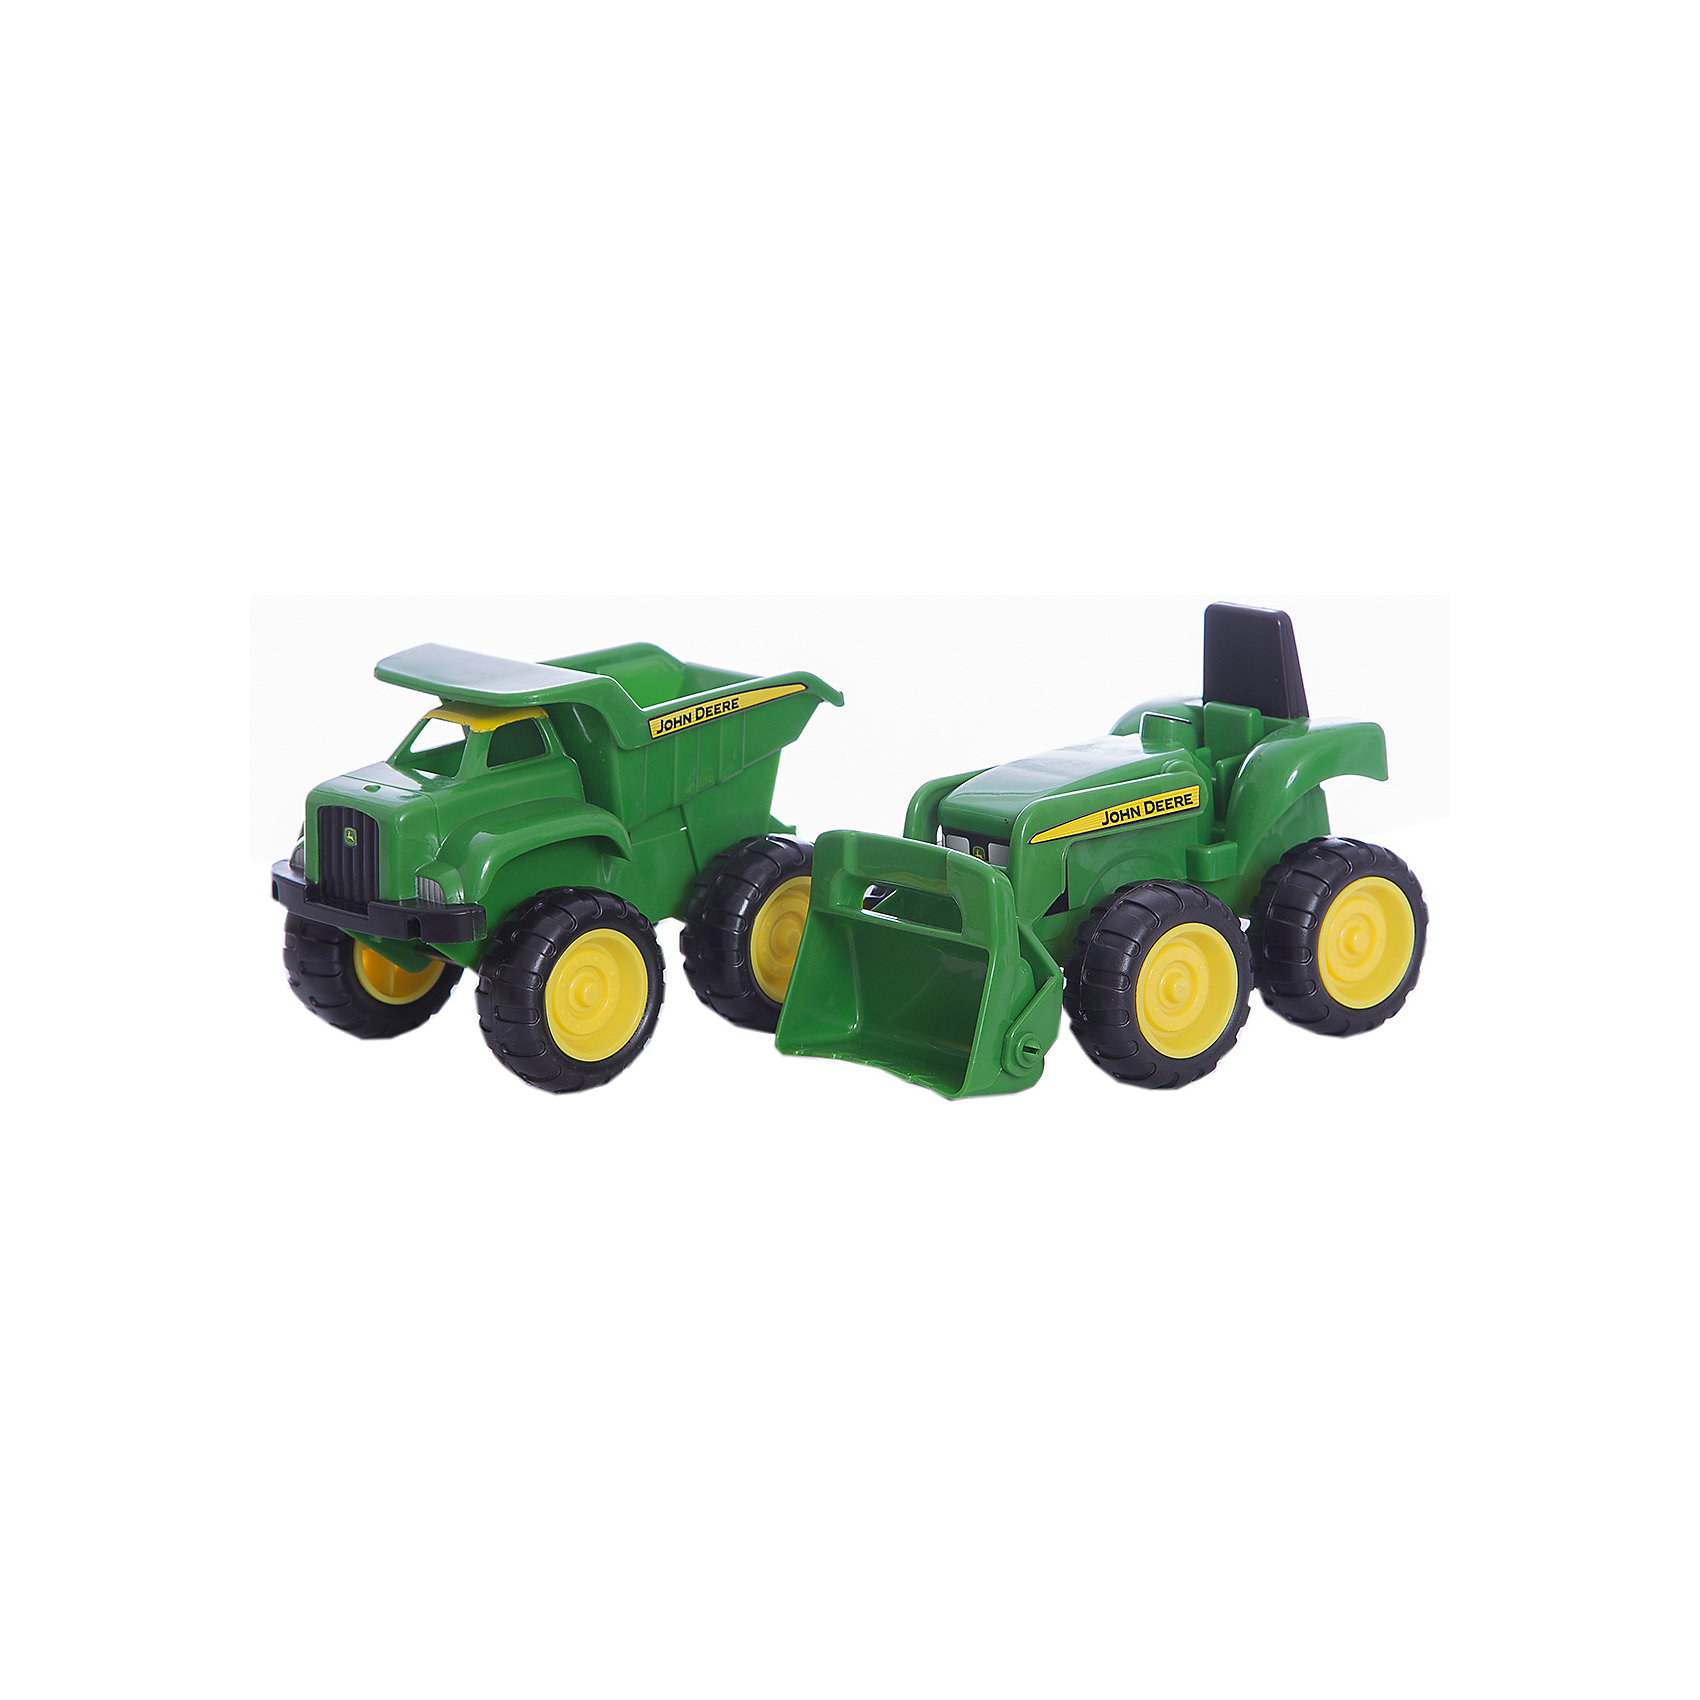 TOMY Набор для песочницы Трактор и самосвал John Deere, TOMY машины tomy john deere трактор monster treads с большими колесами и вибрацией